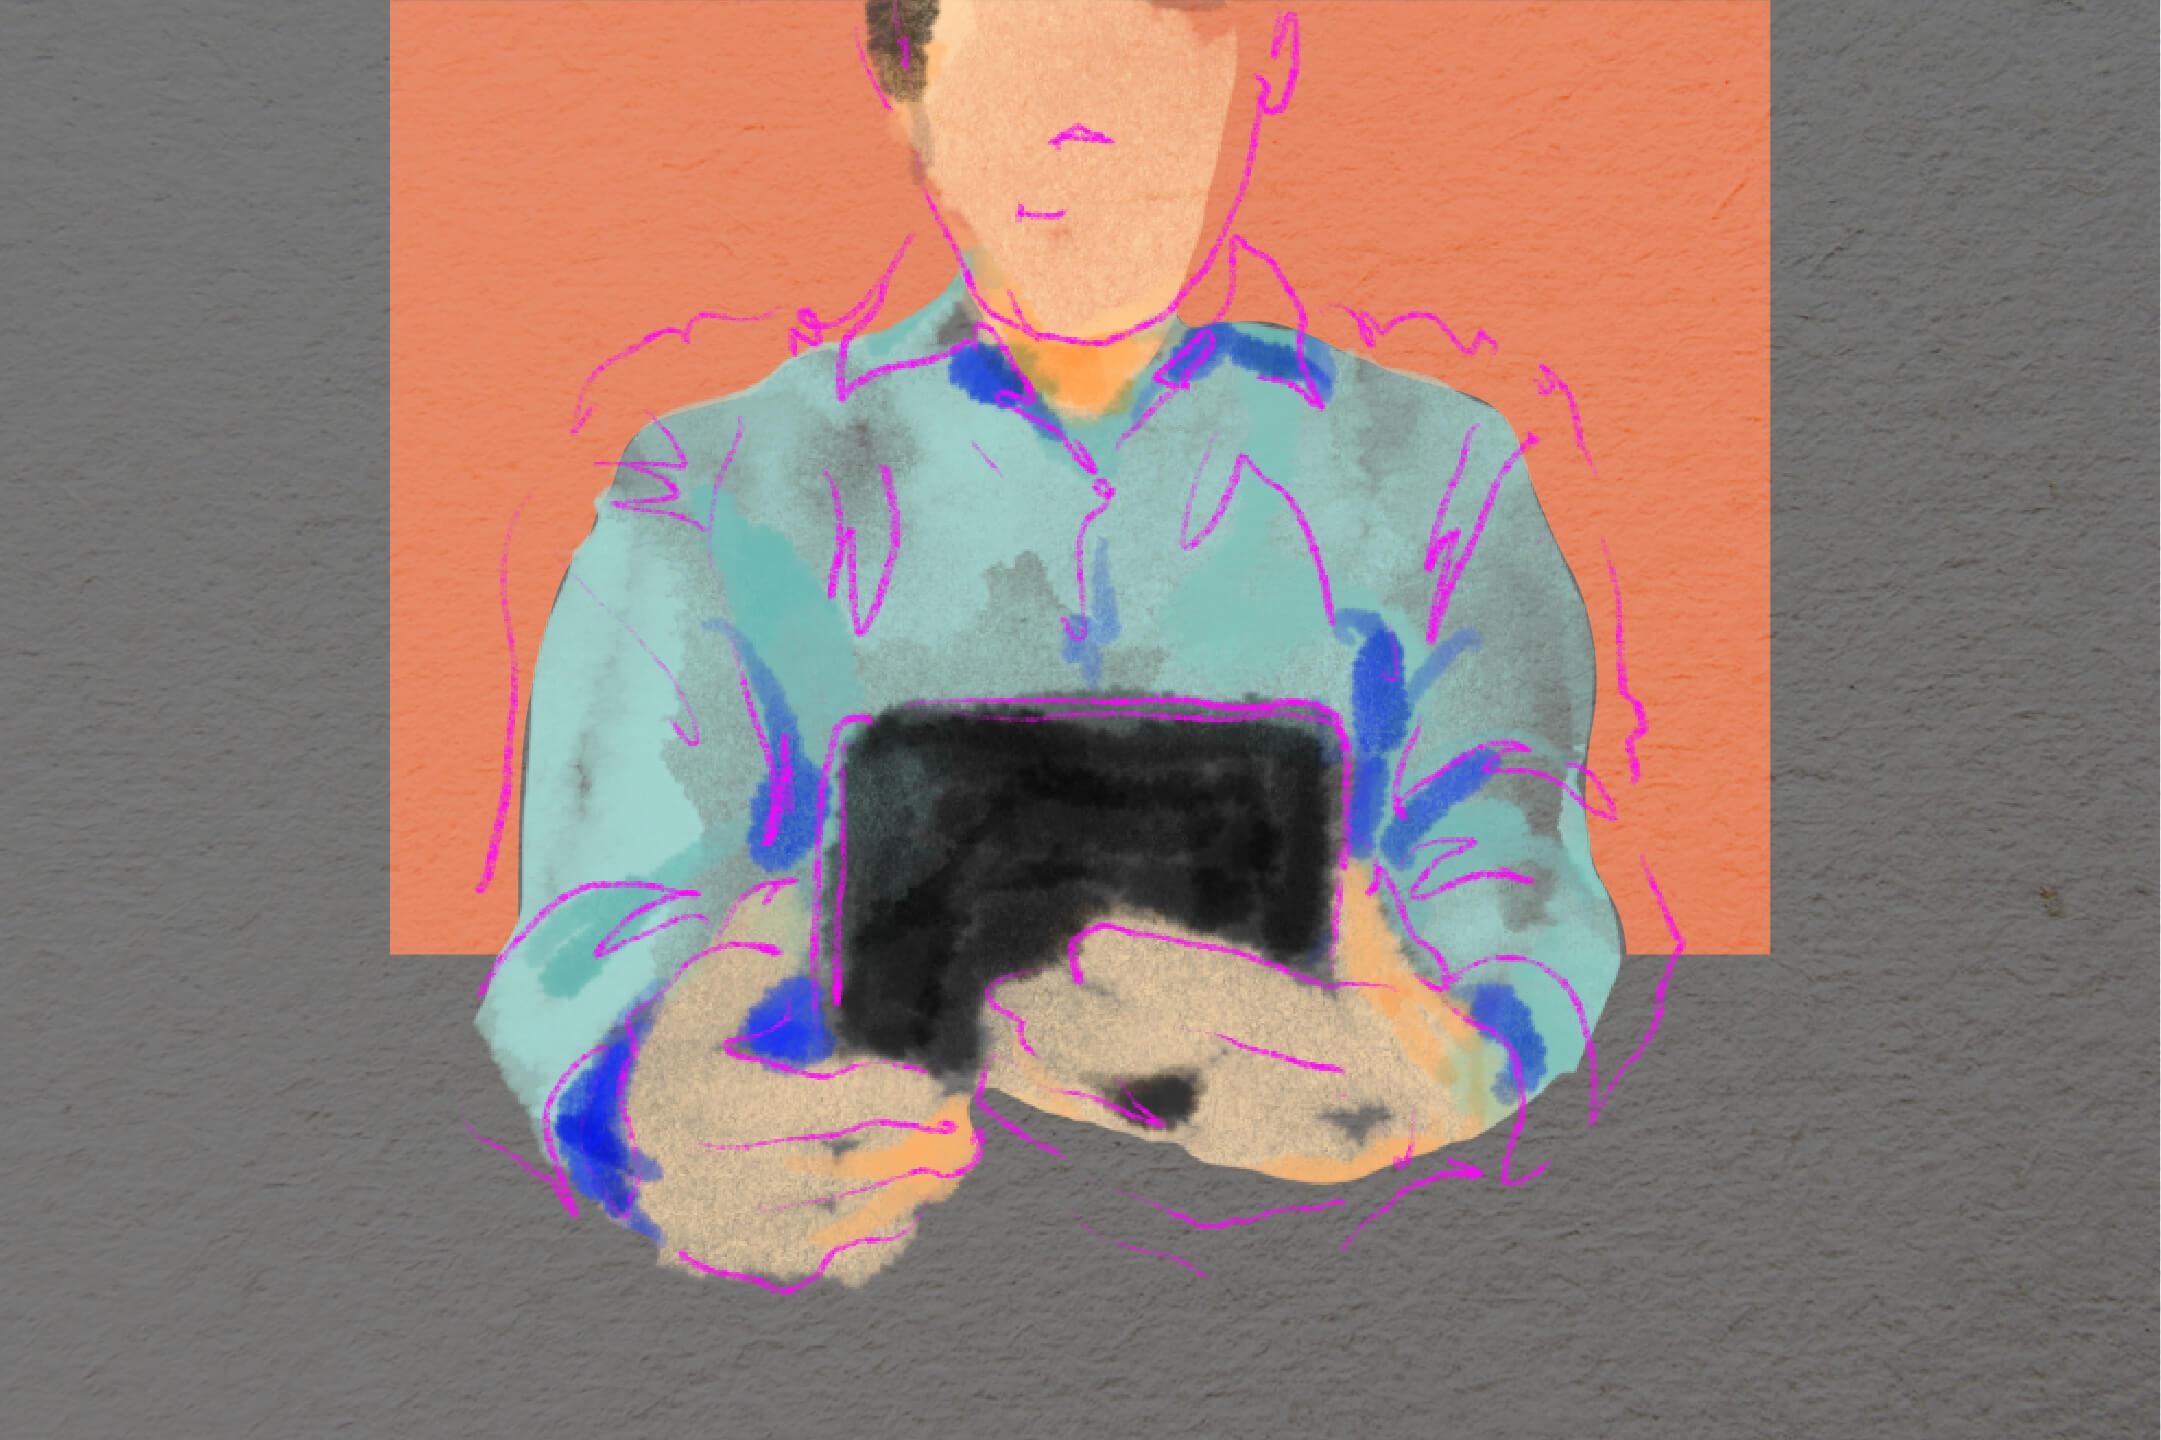 端傳媒三週年概念影片:我們都是說故事的人。 圖:Tseng Lee / 端傳媒